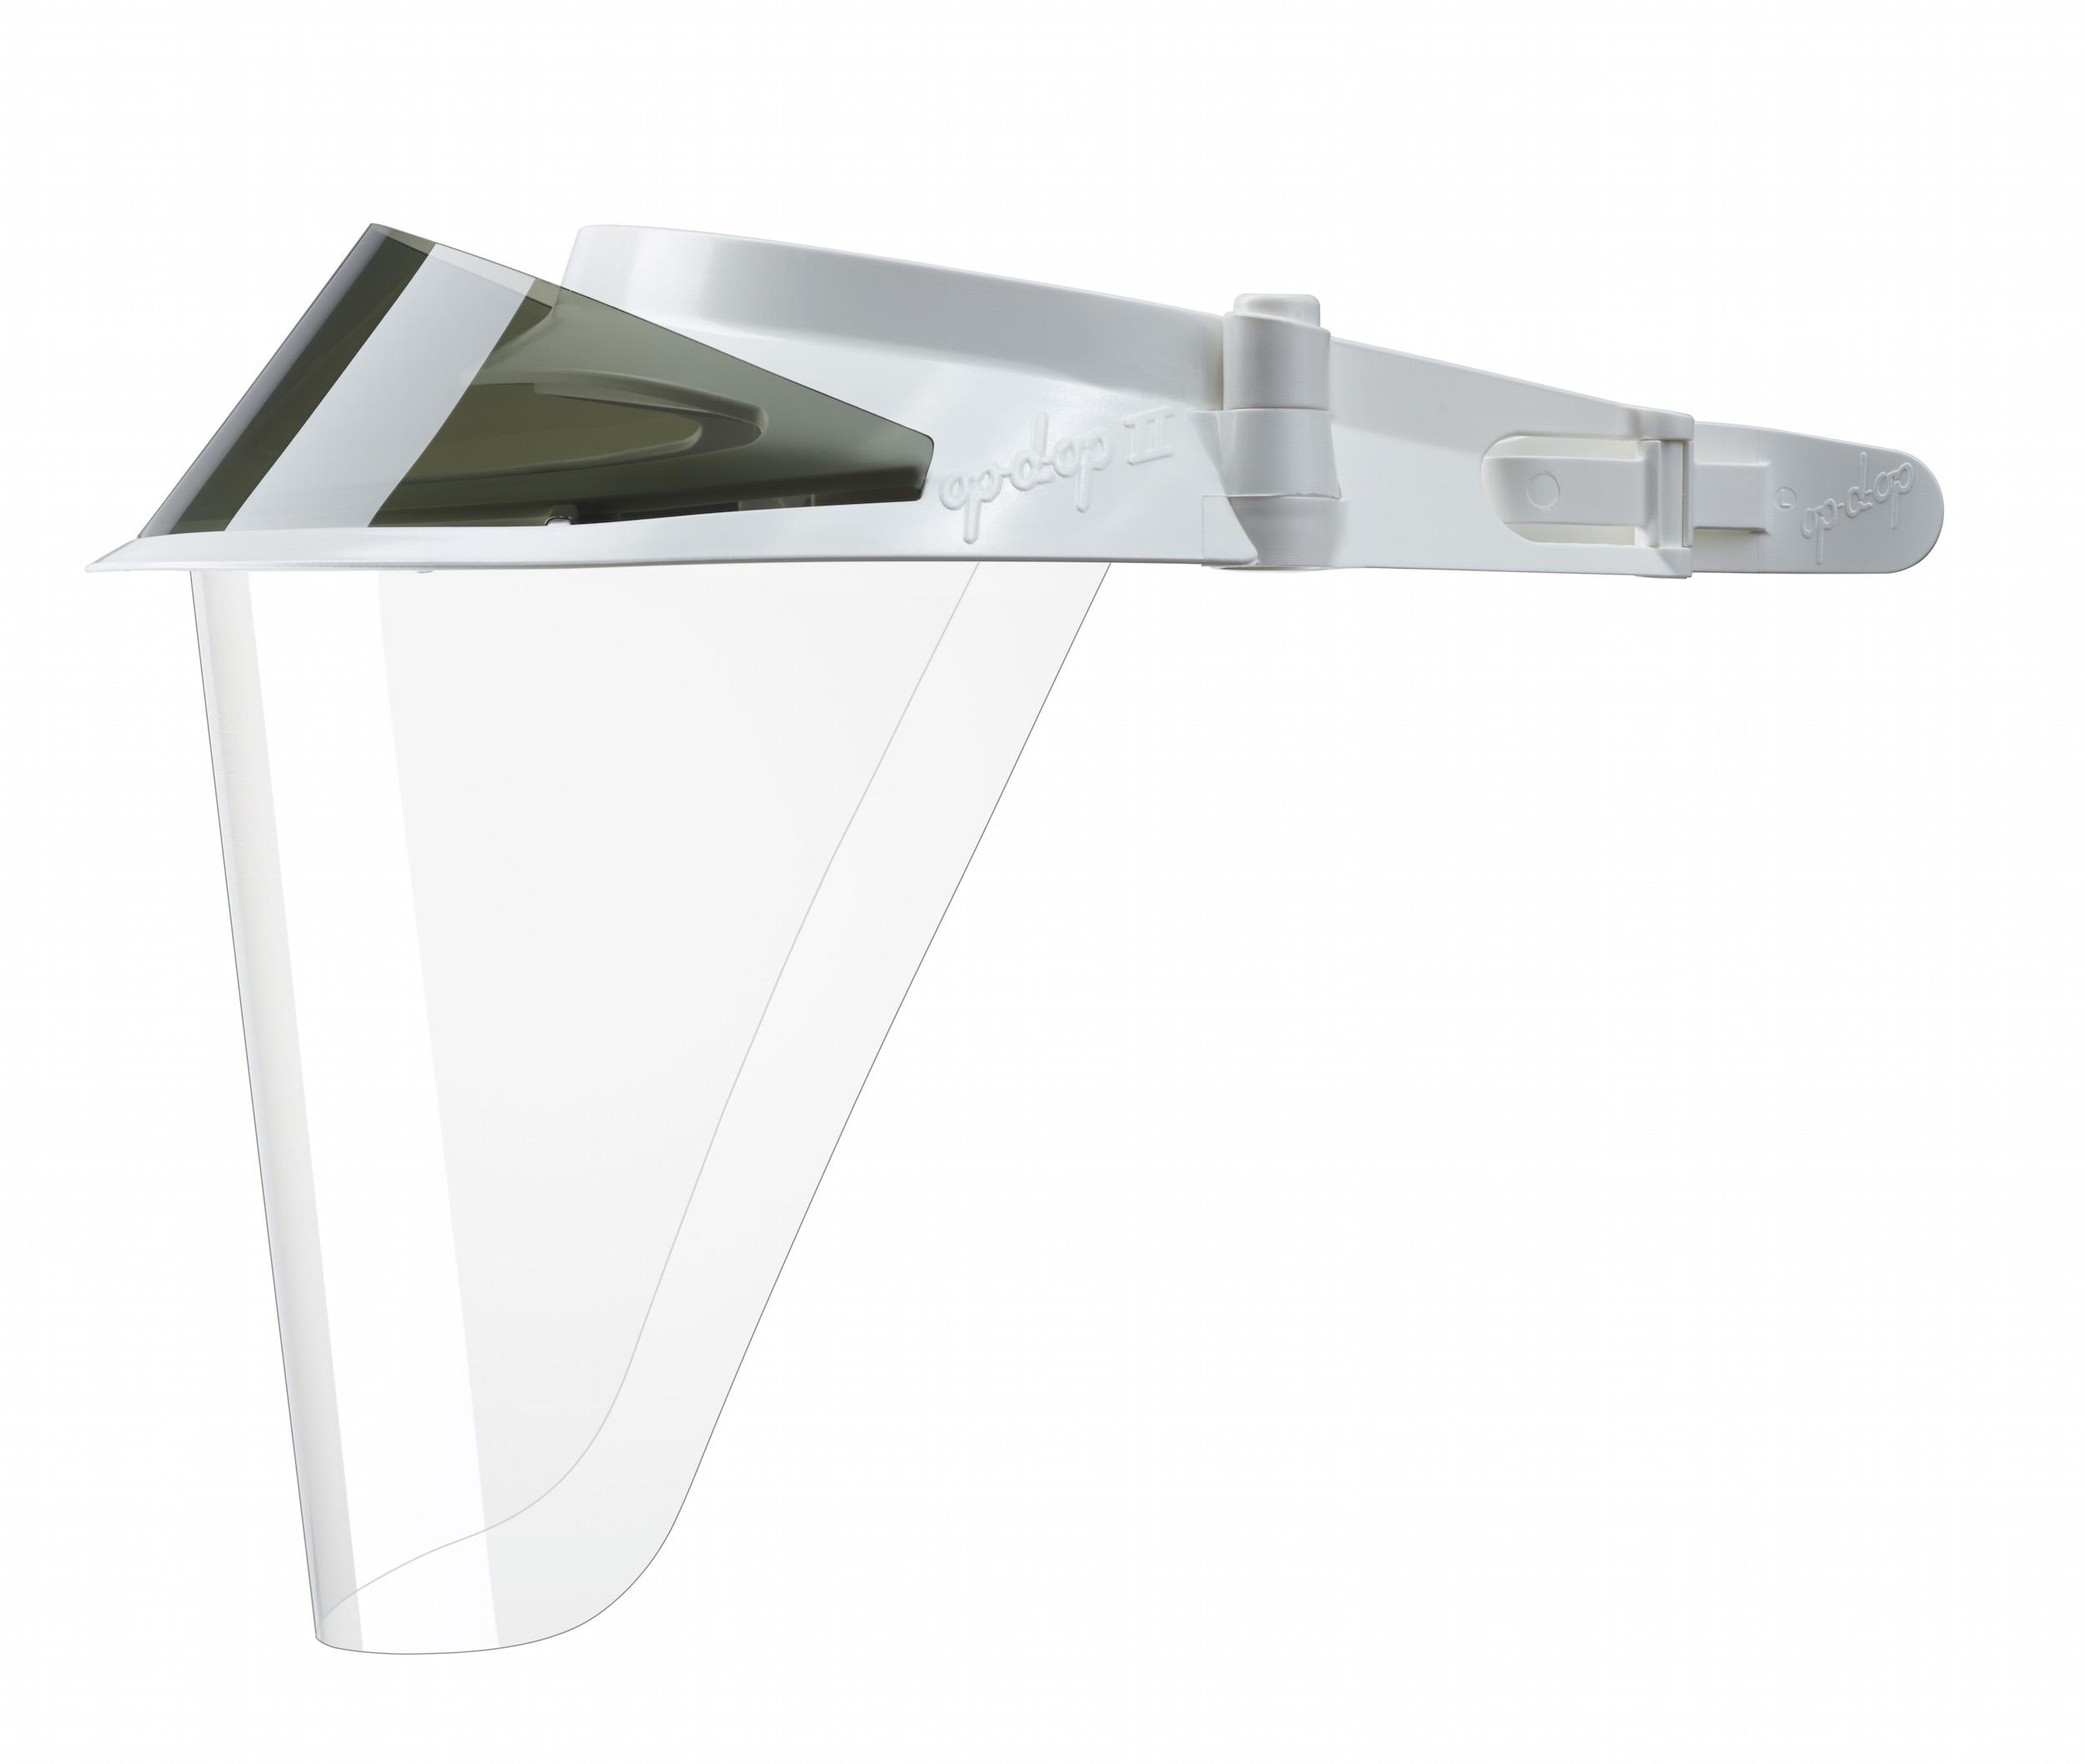 изображение Белые экраны защитные с козырьком для лица из пластмассы OP-D-OP FACE SHIELD (II)